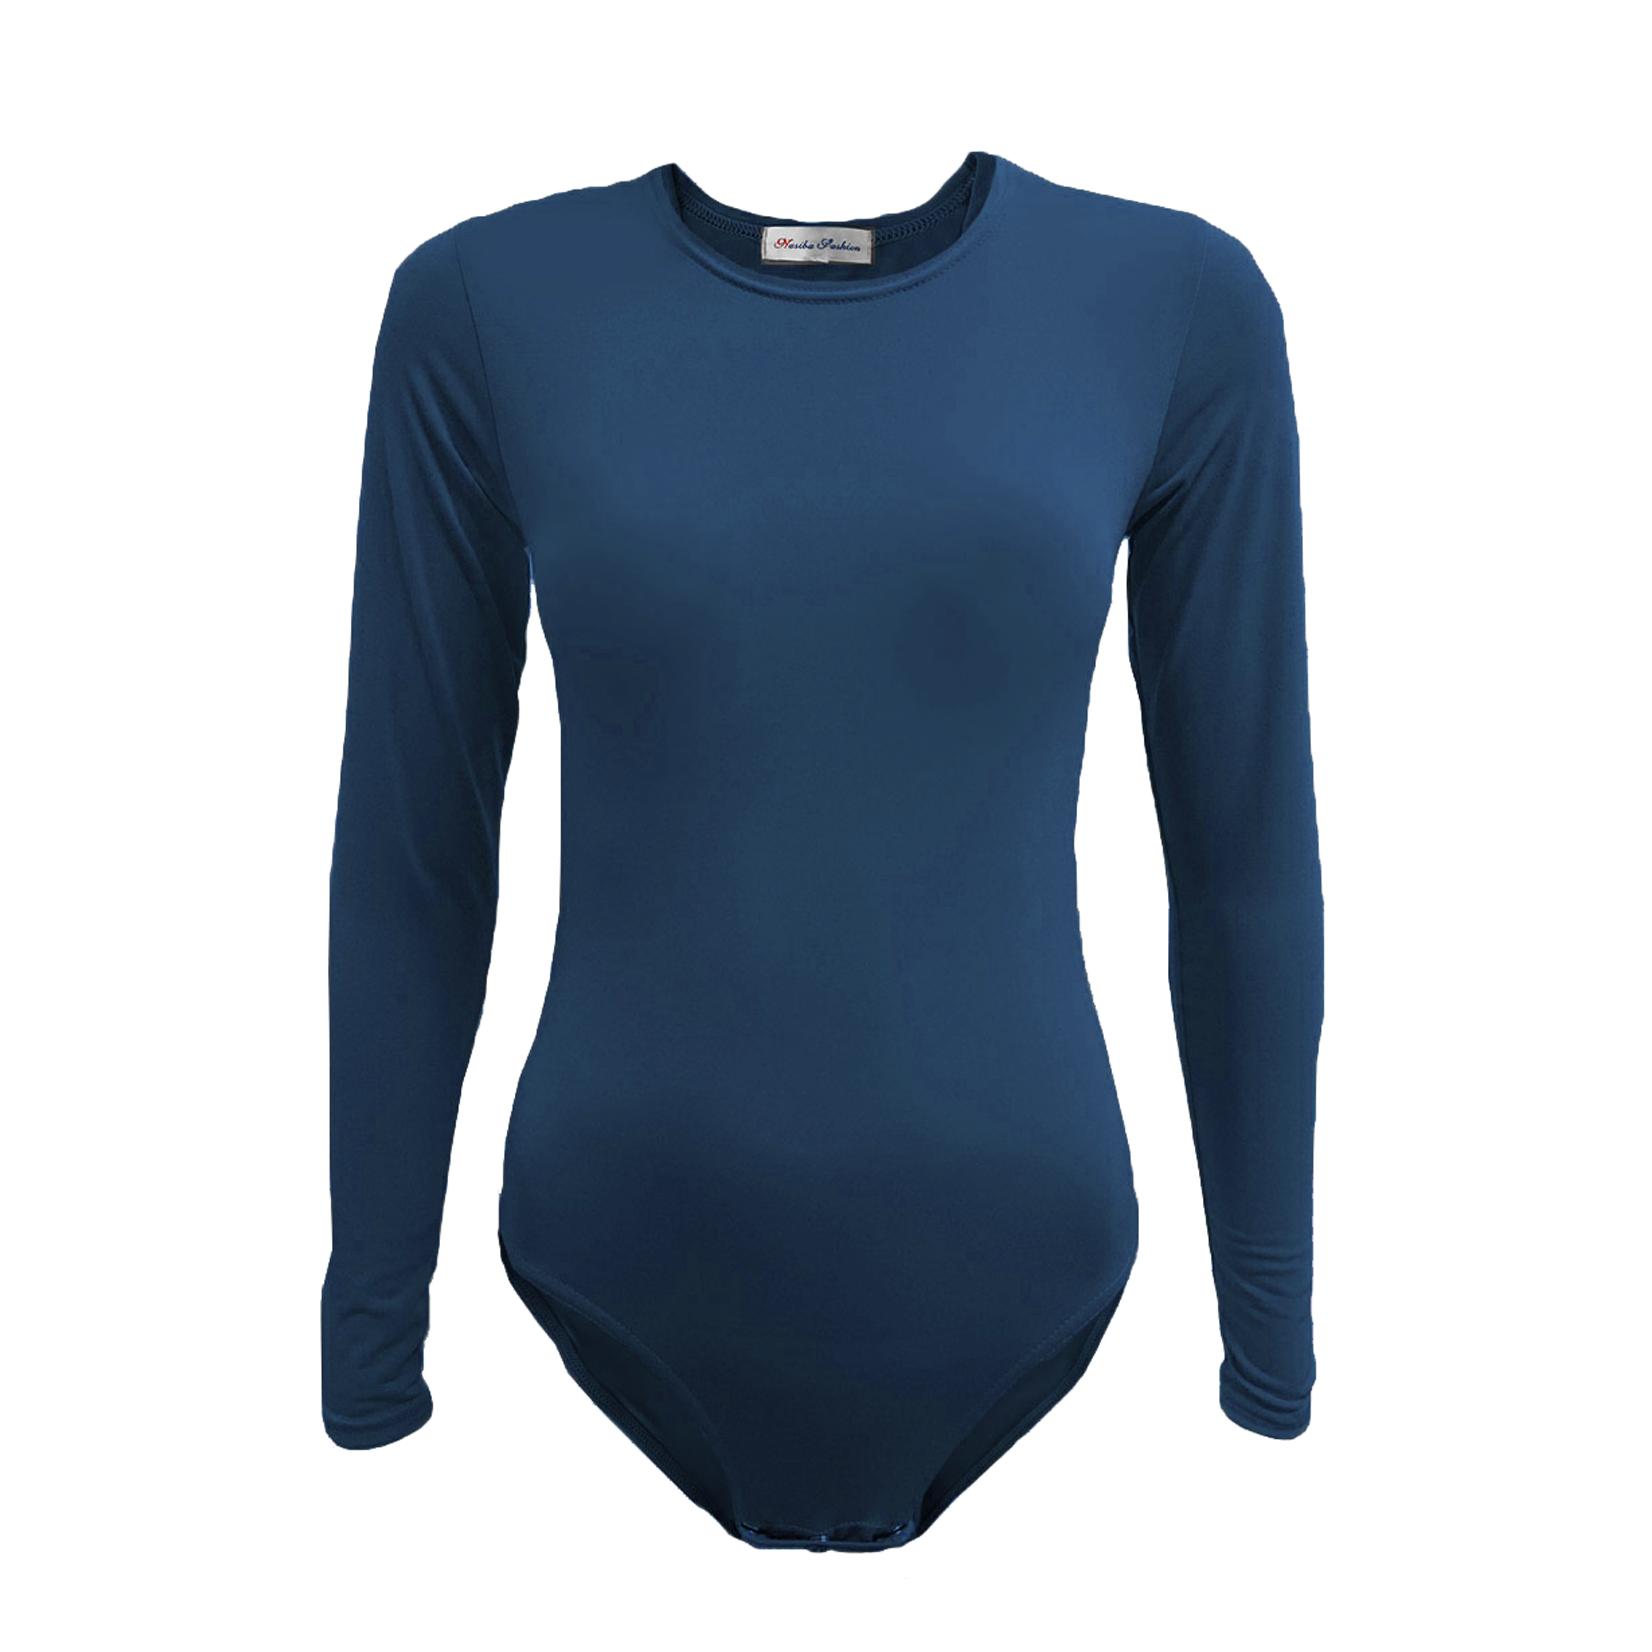 Nasiba Fashion Galaxy Blue Bodysuit